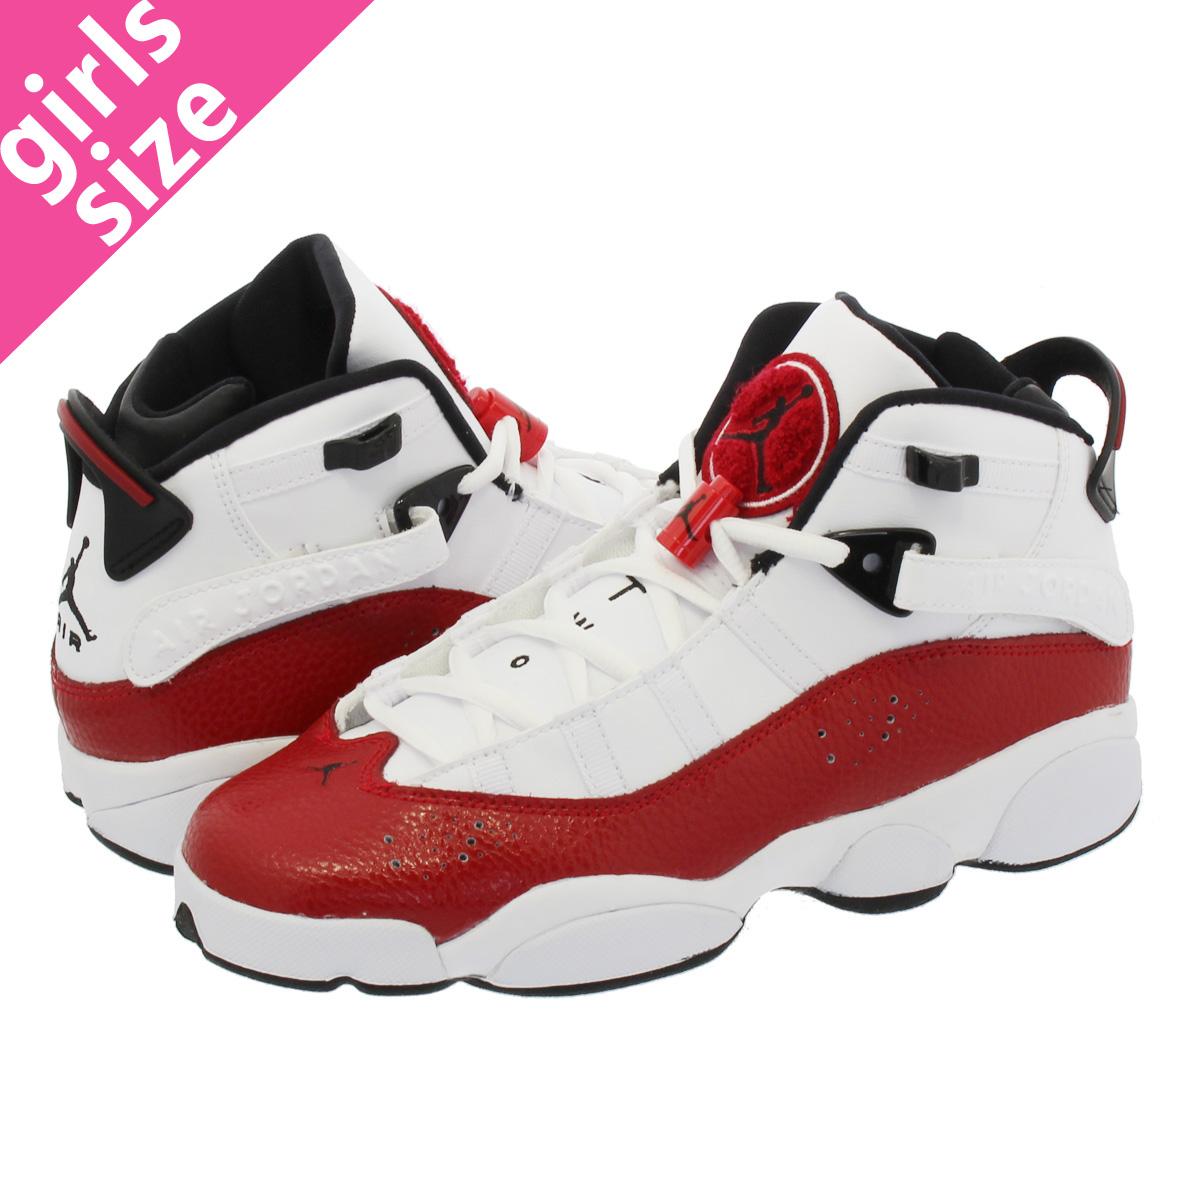 f657bee6022c LOWTEX BIG-SMALL SHOP  NIKE JORDAN 6 RINGS BG Nike Jordan 6 RINGS Co ...